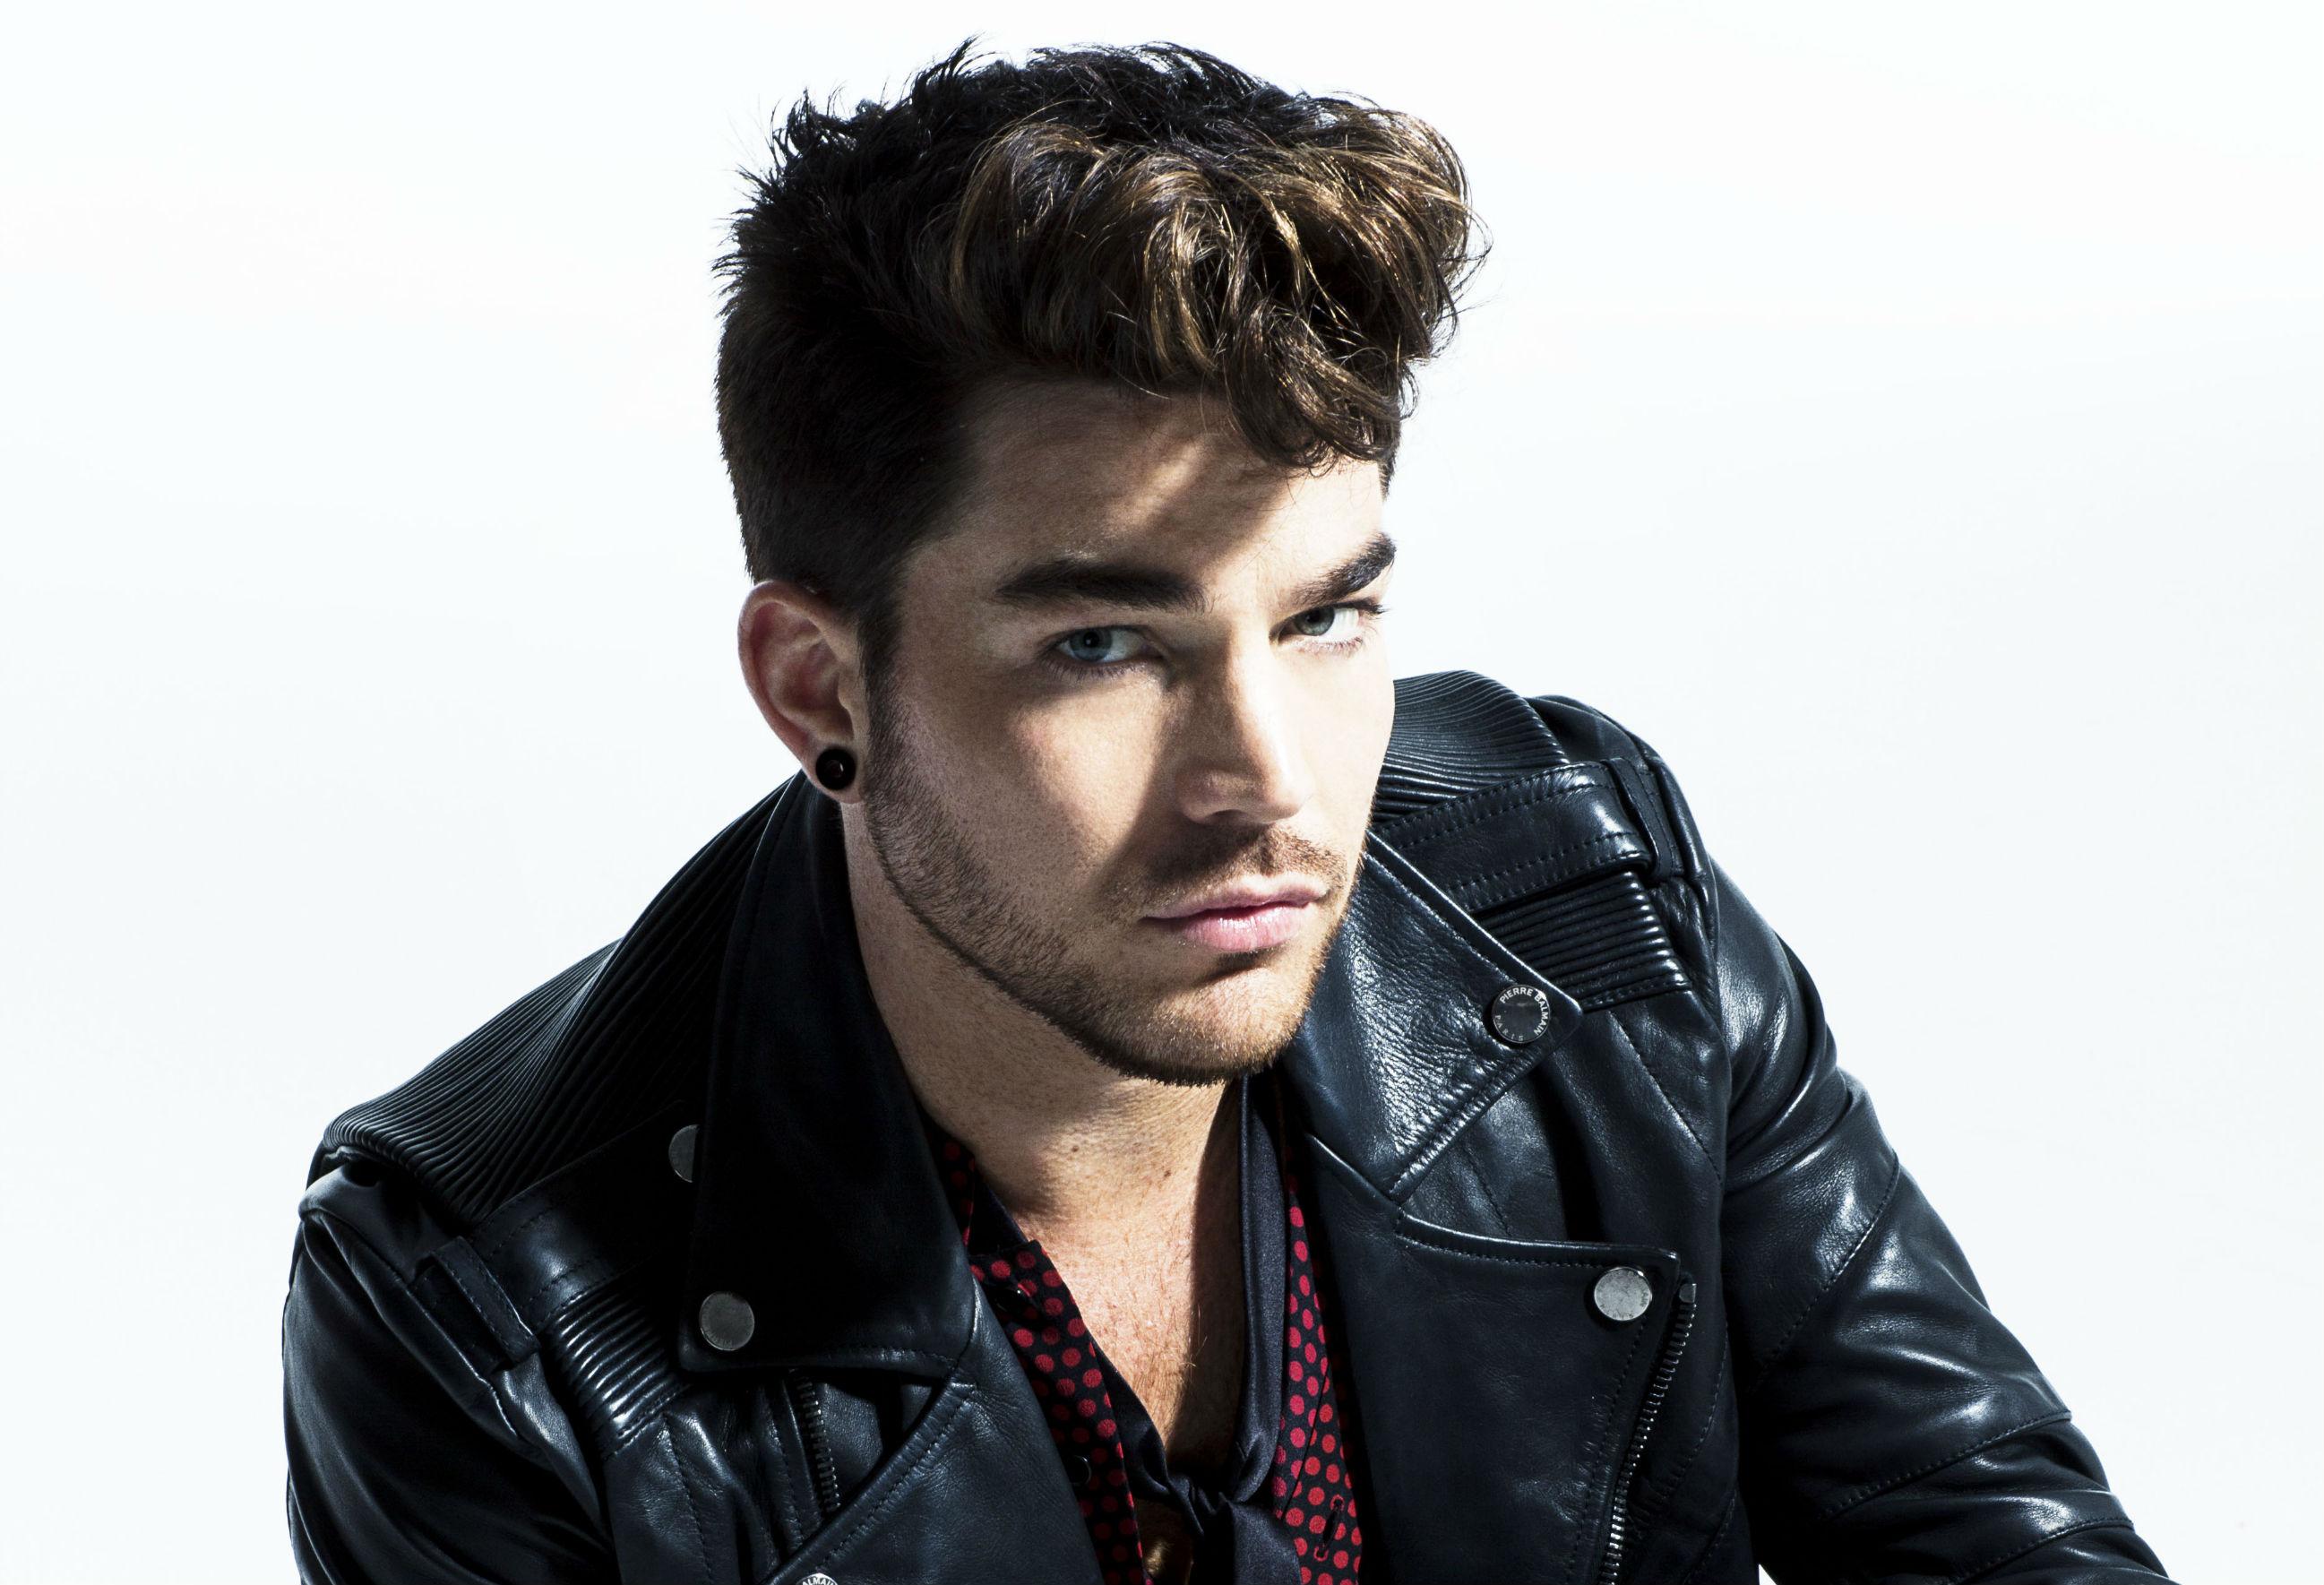 Adam Lambert Wallpaper Background 11 2594x1769 px 2594x1769